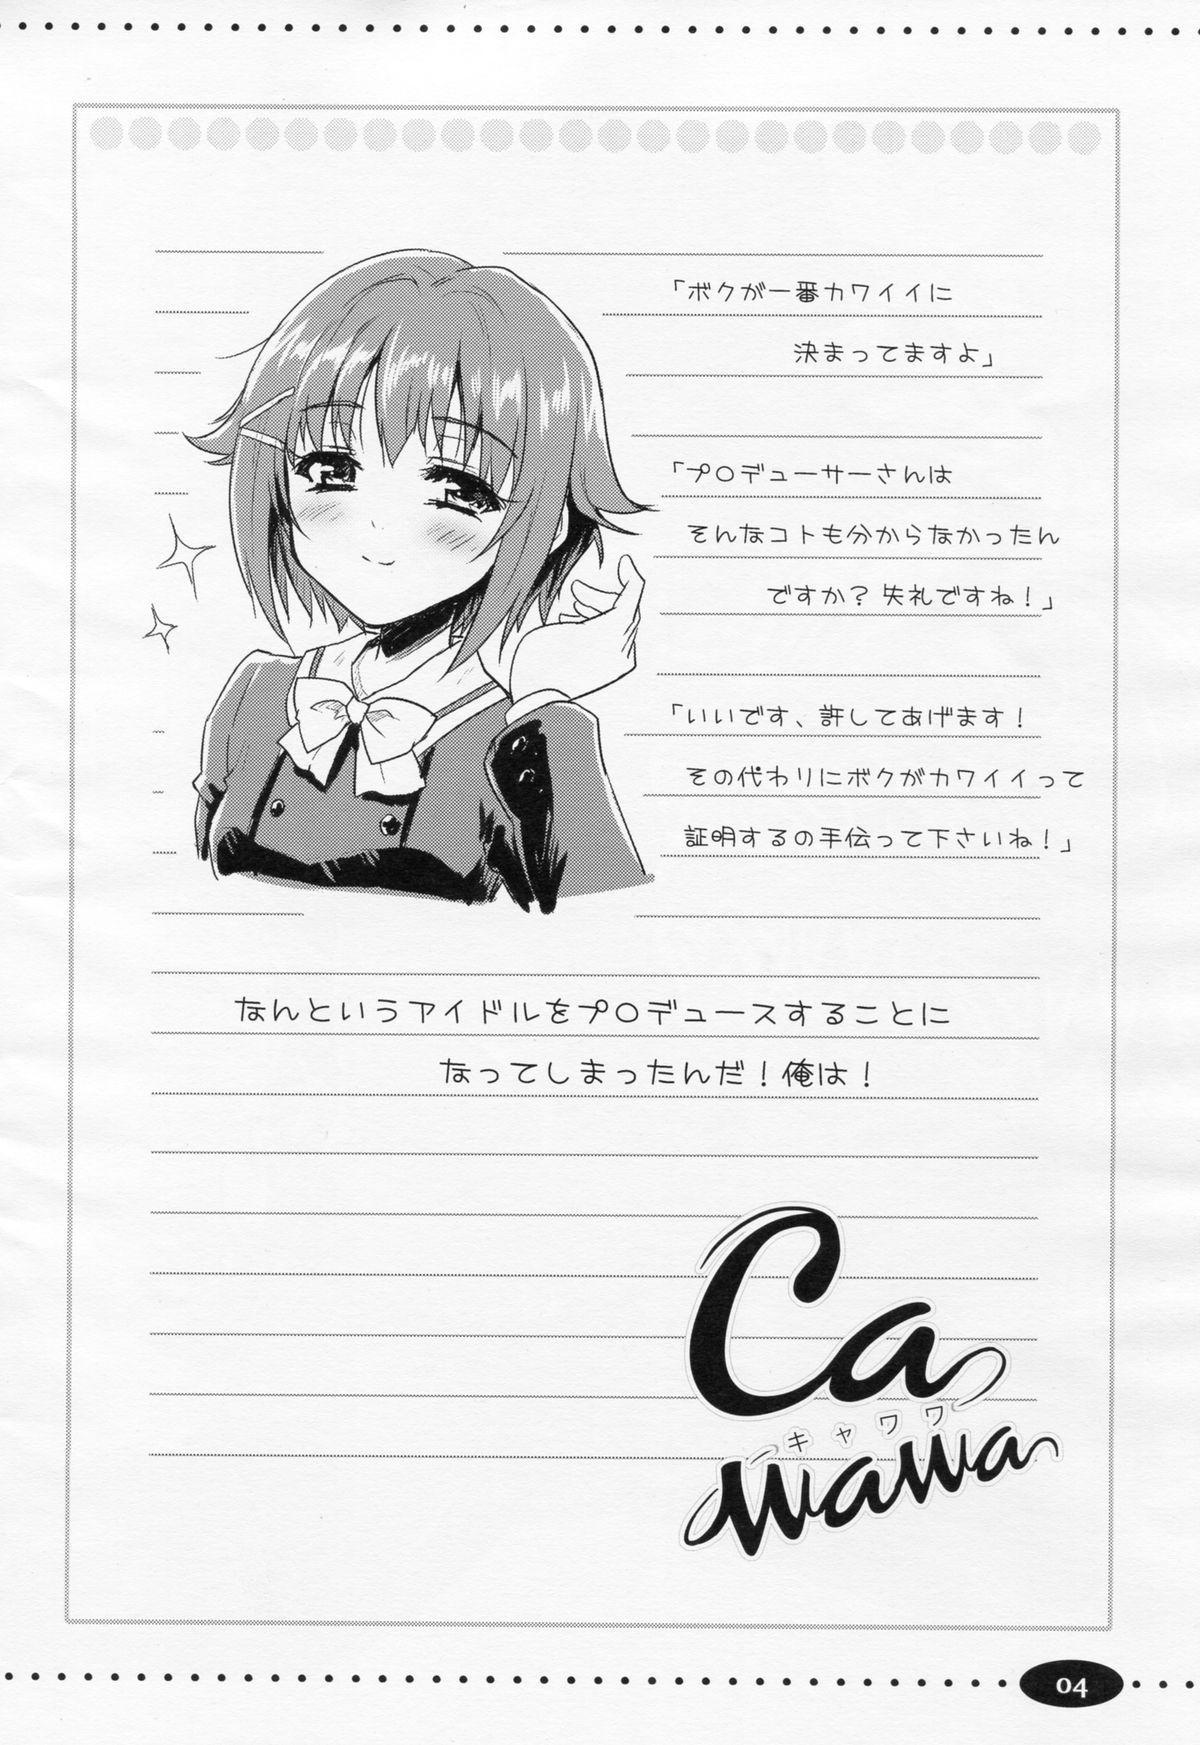 CAWAWA 2